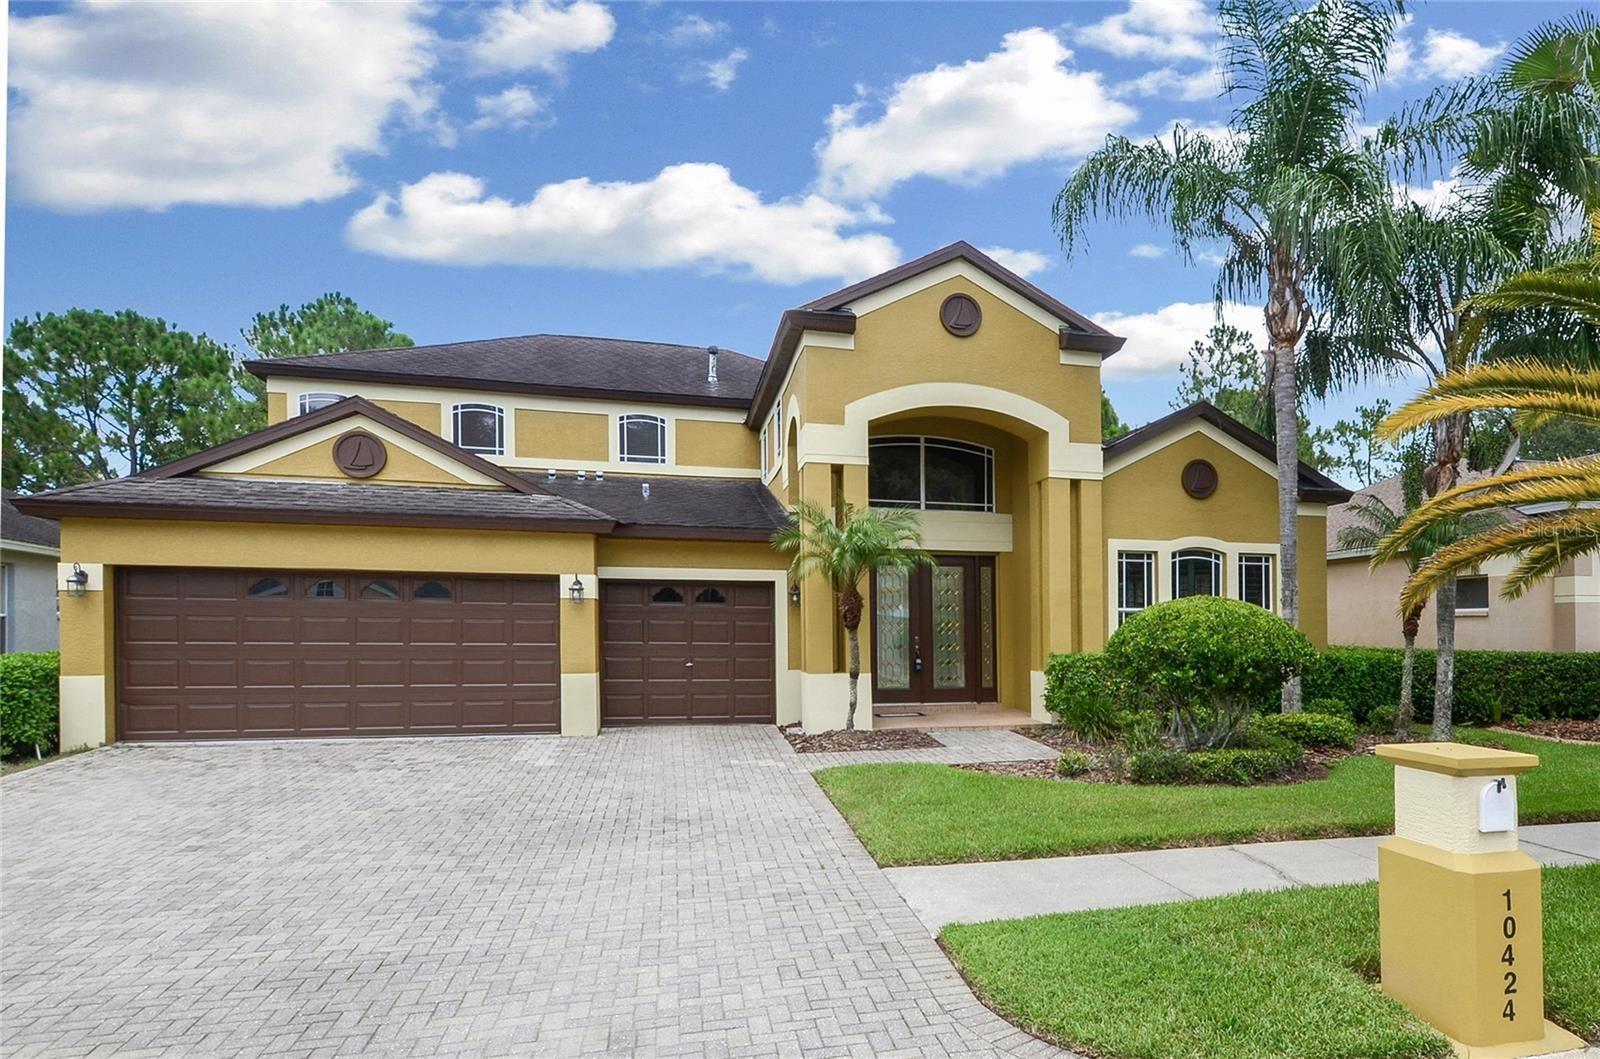 10424 CANARY ISLE DRIVE, Tampa, FL 33647 - MLS#: T3313083